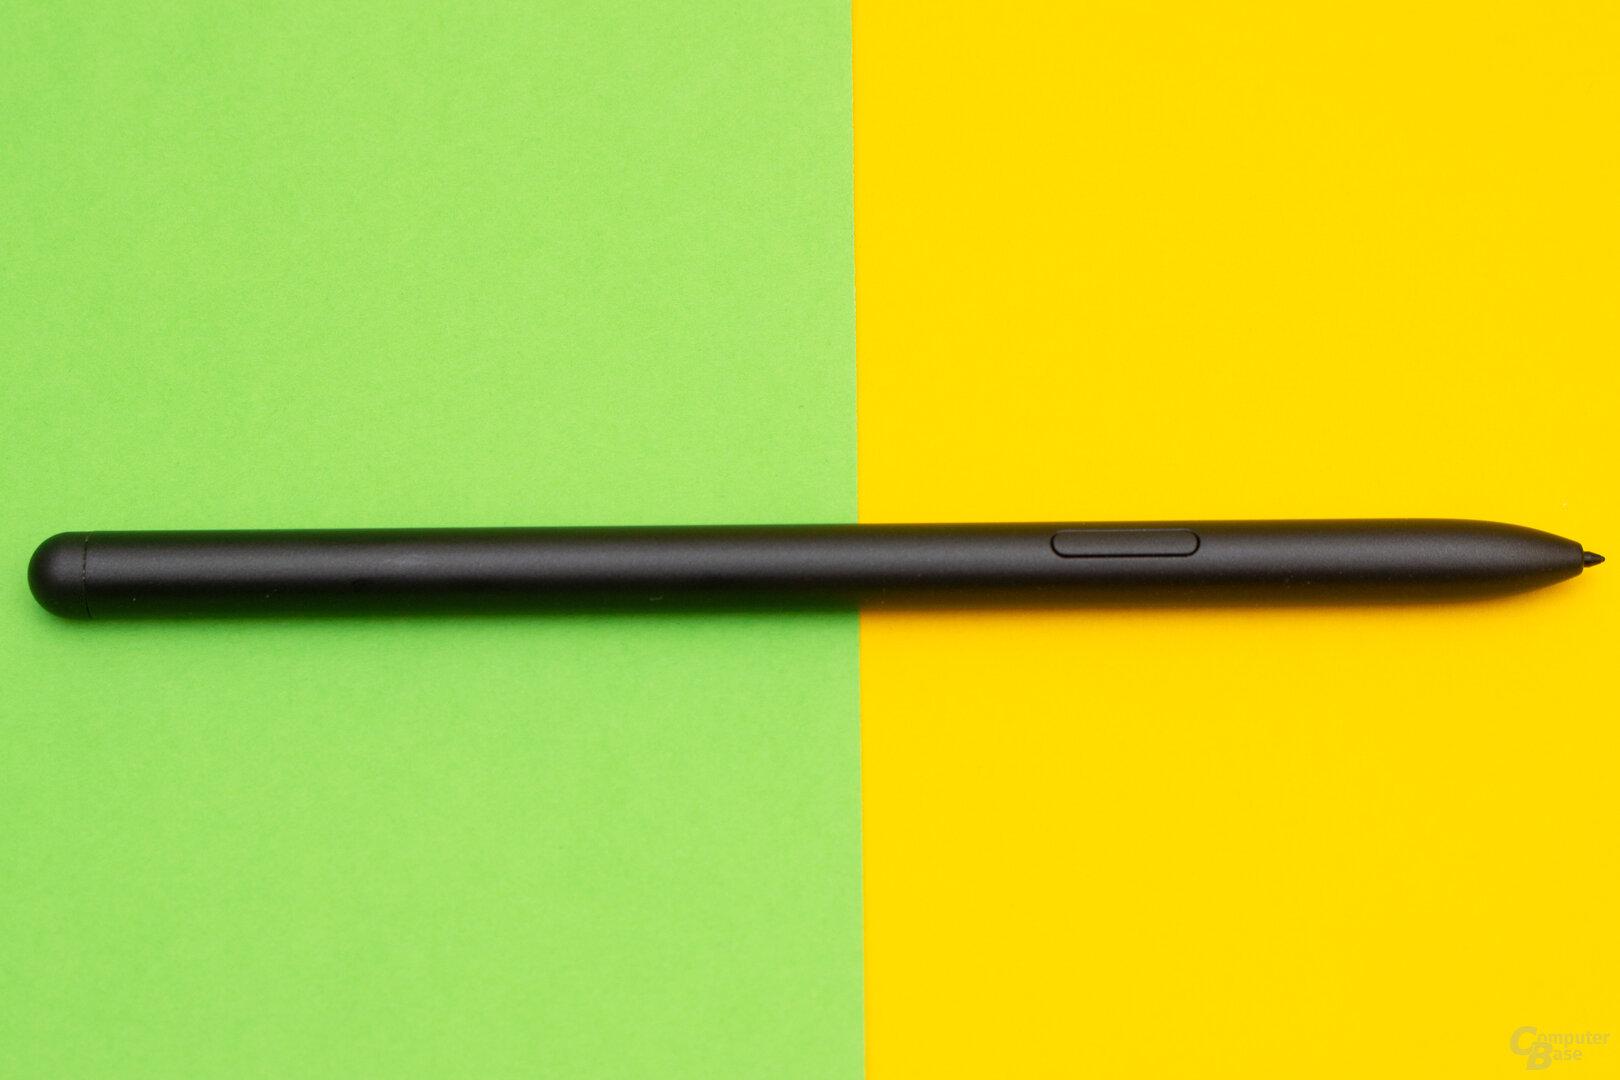 Der neue S-Pen bietet viele Funktionien bis hin zu einer Fernbedienung